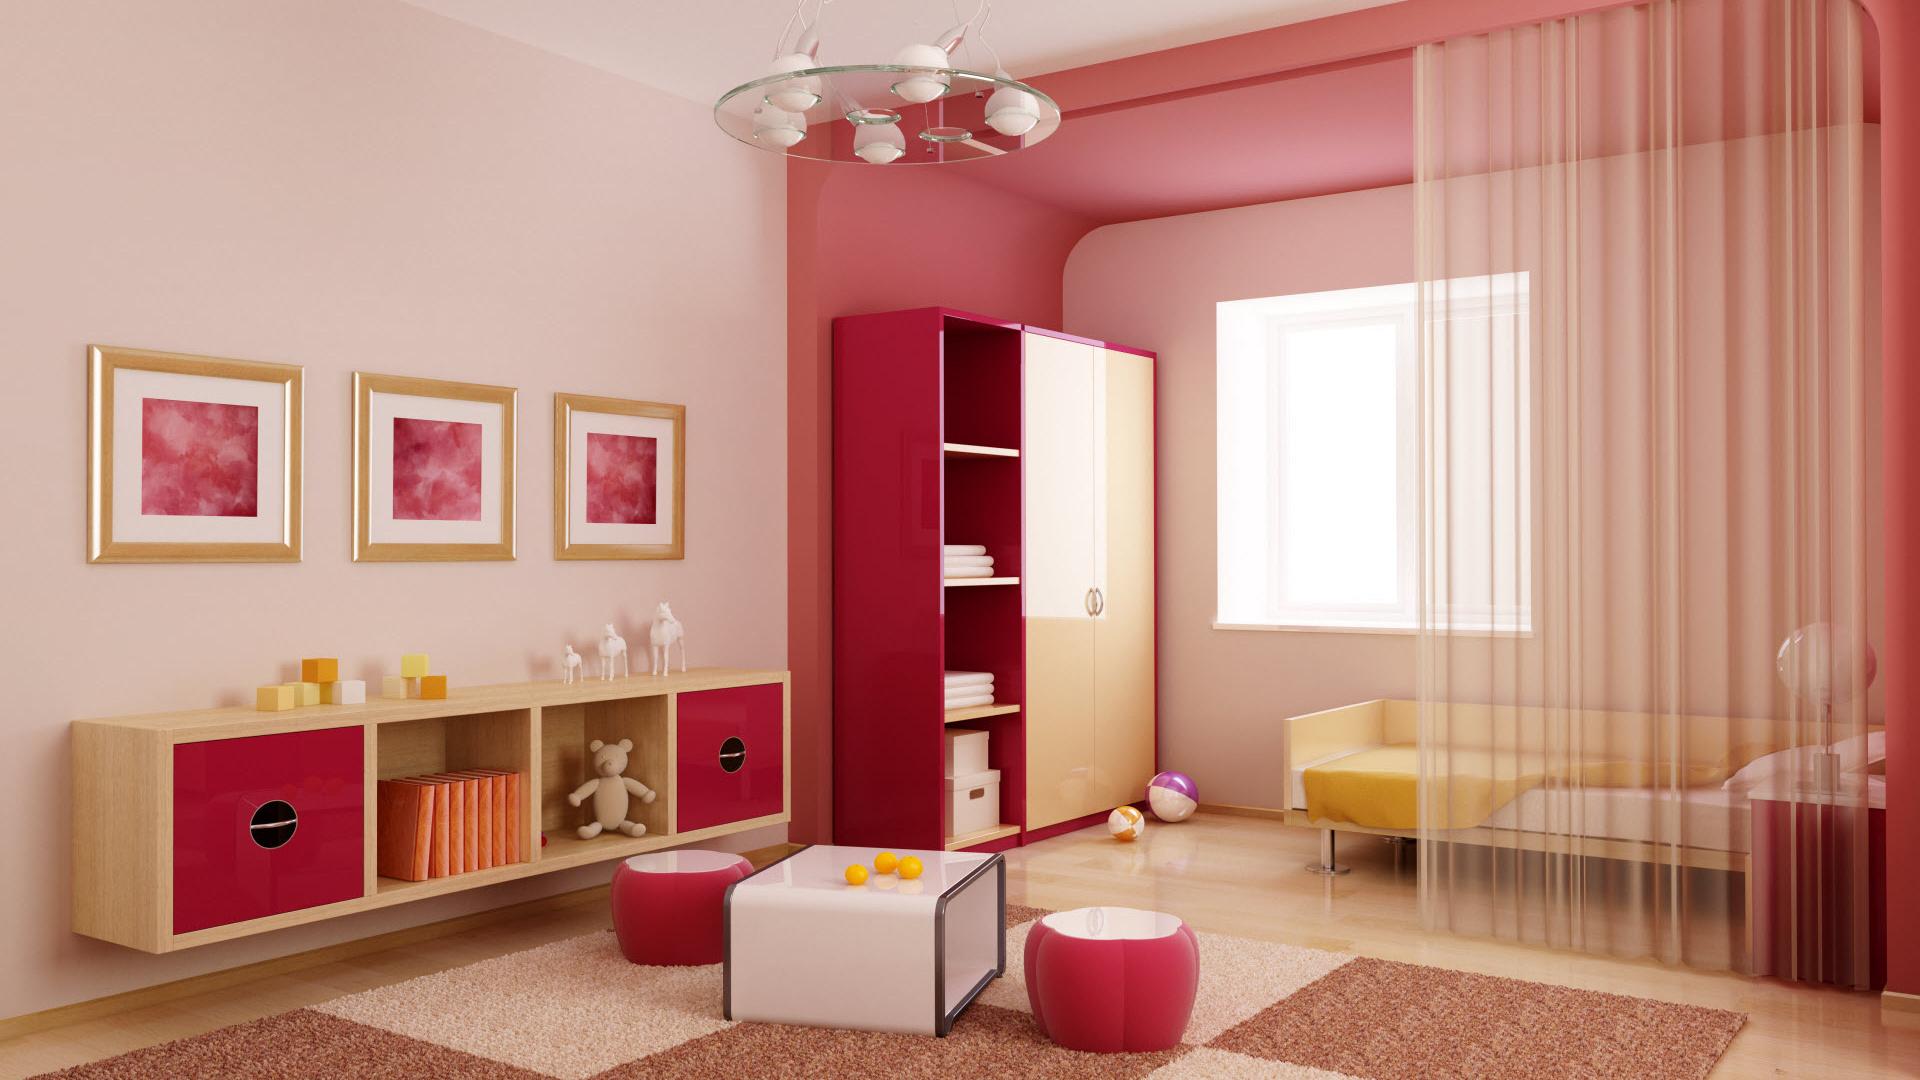 Картинки по запросу мебель для девочки 1920x1080